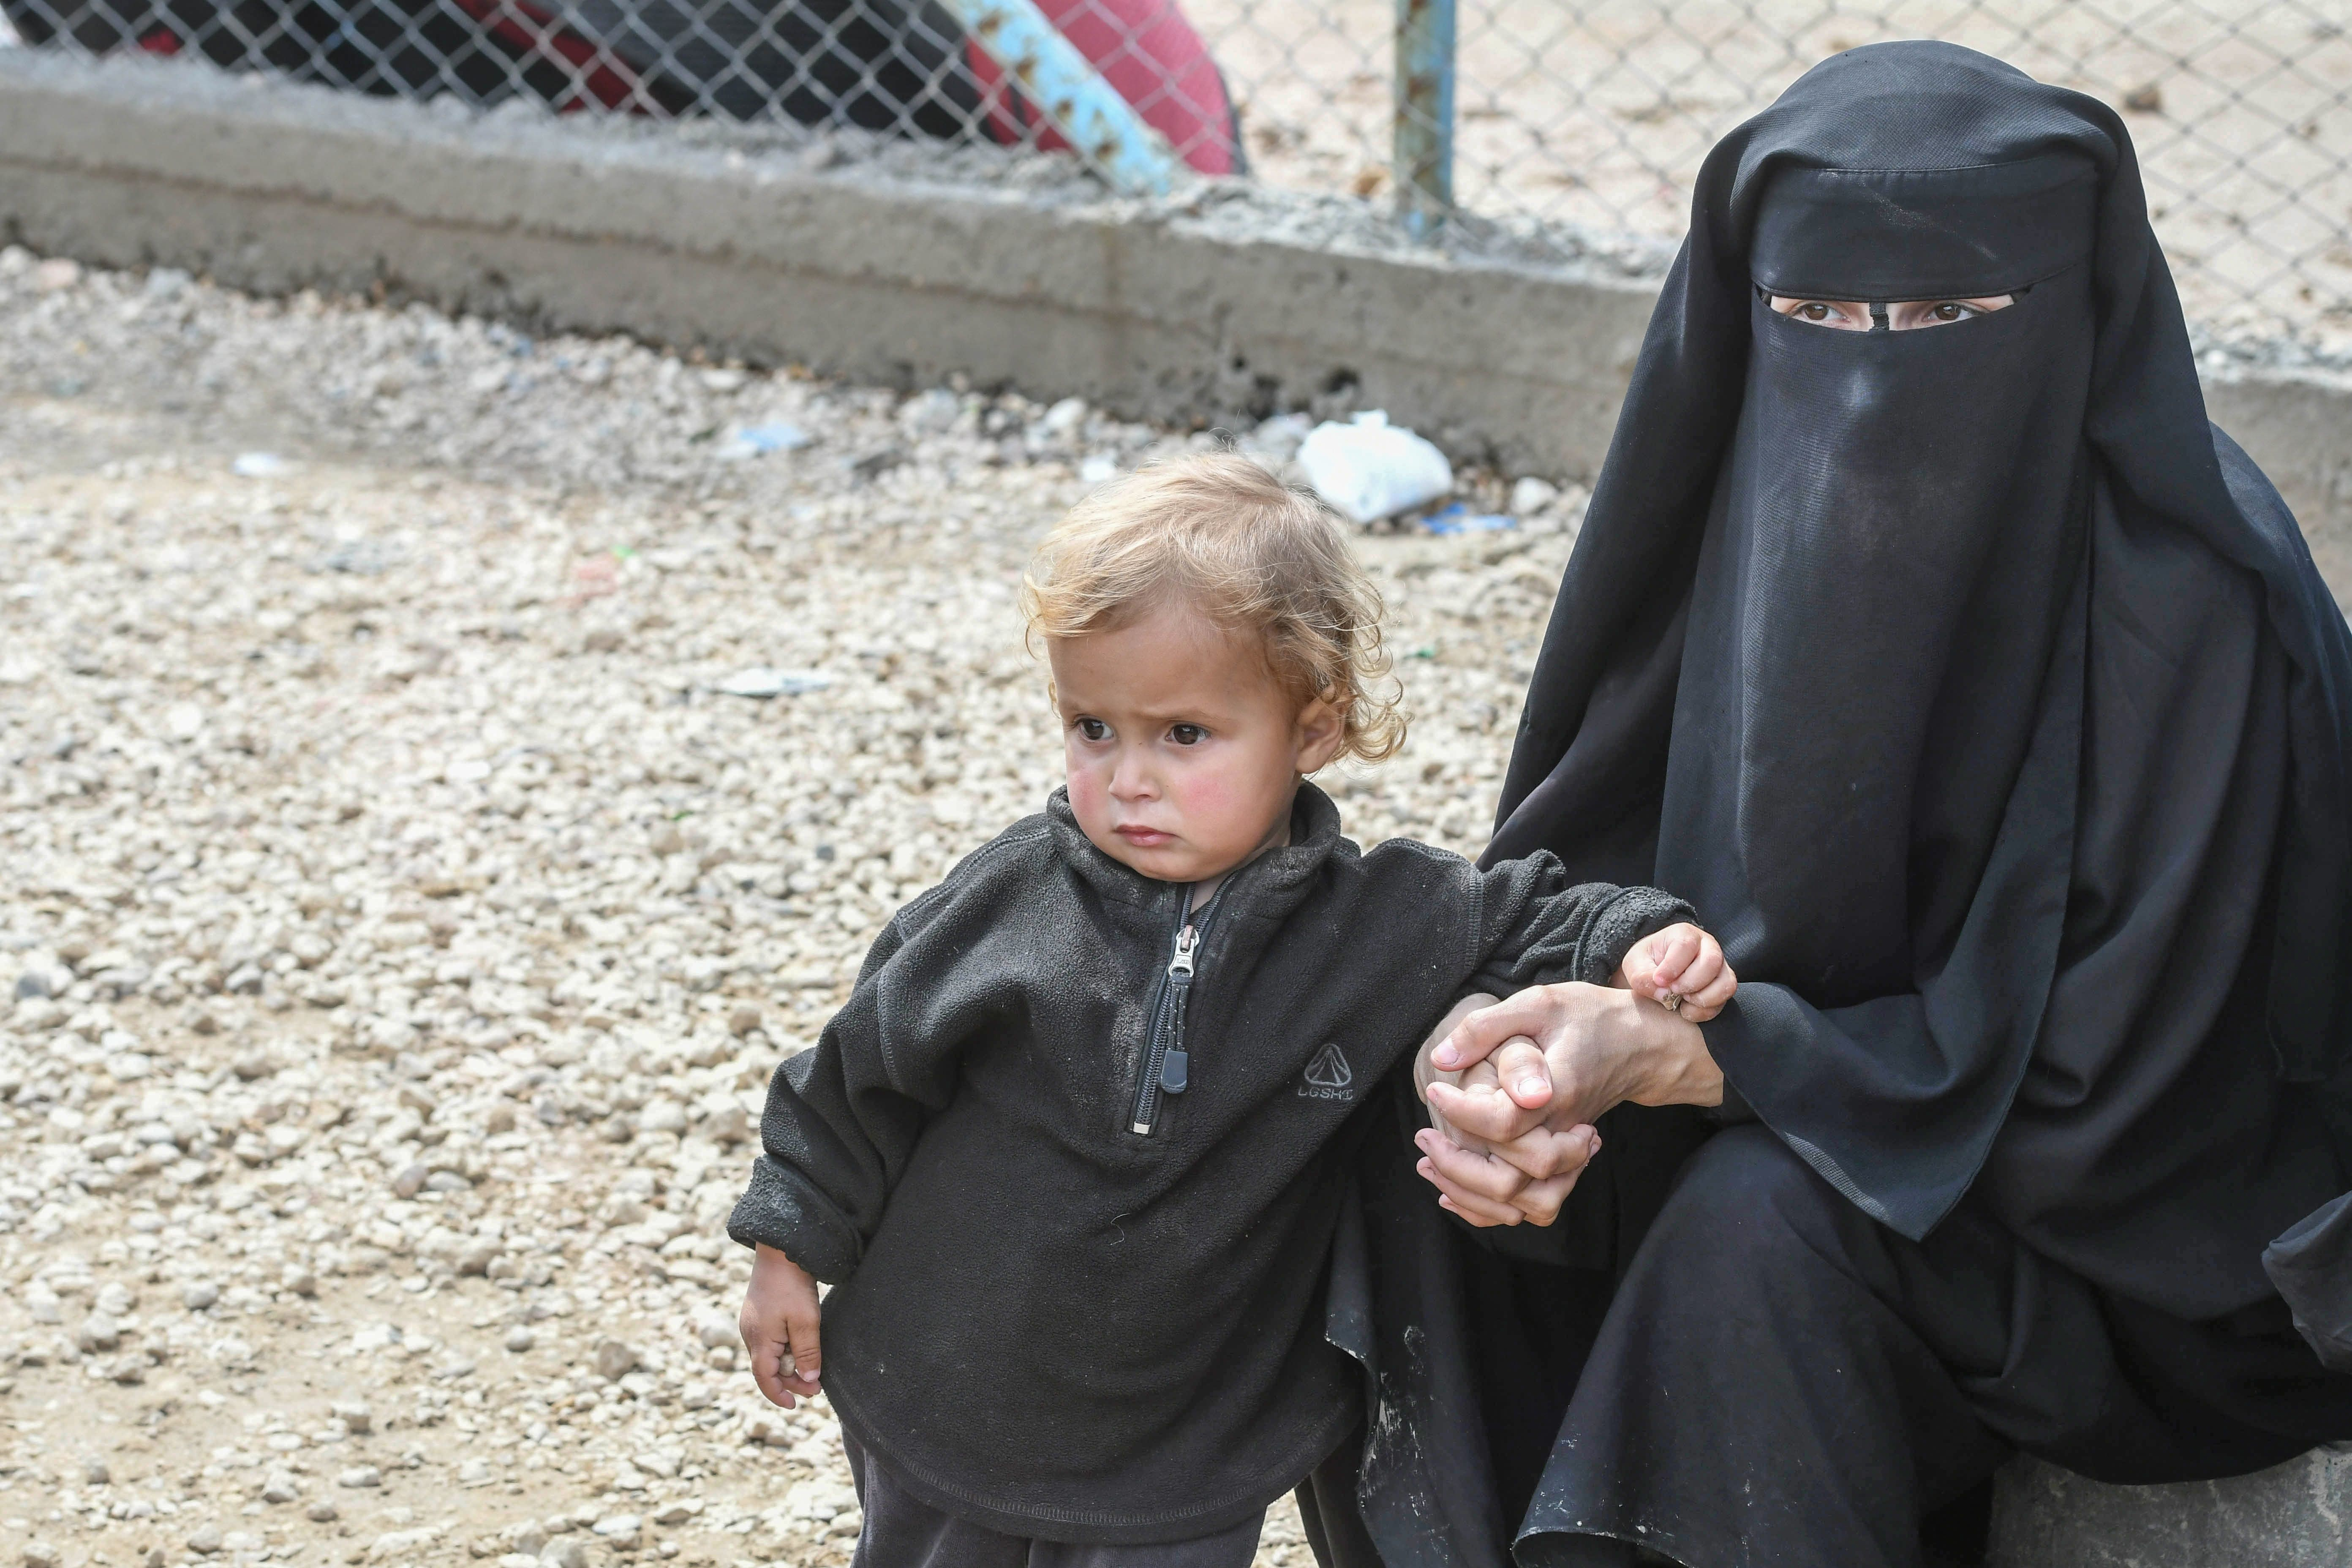 L'Observatoire des droits et libertés en Tunisie exhorte le gouvernement à rapatrier les enfants tunisiens...